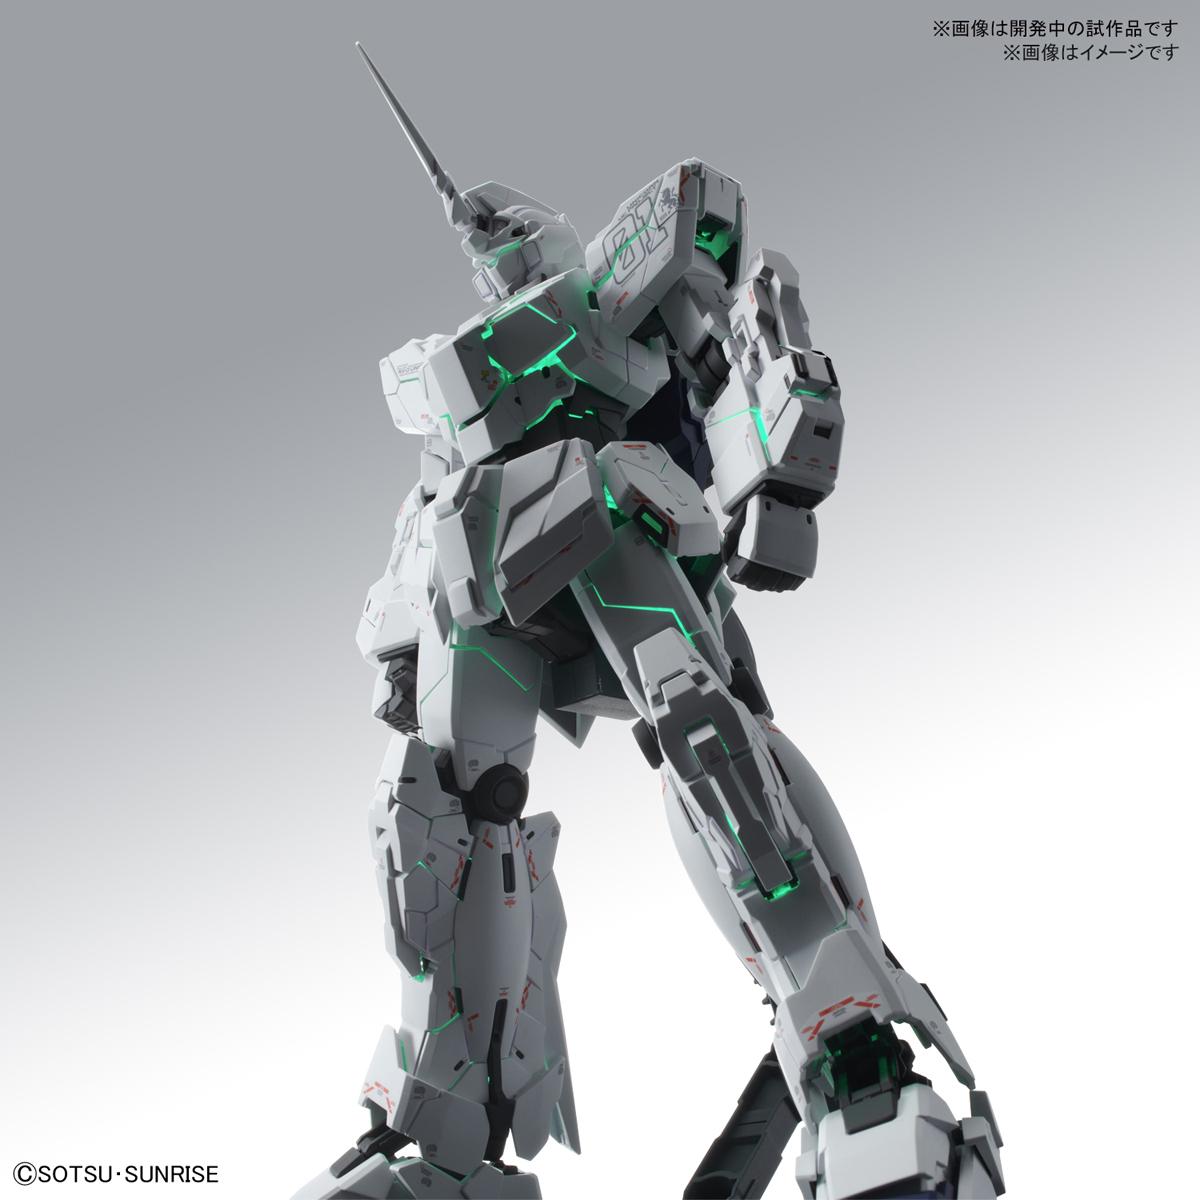 【12月再販】MGEX 1/100『ユニコーンガンダム Ver.Ka』ガンダムUC プラモデル-006